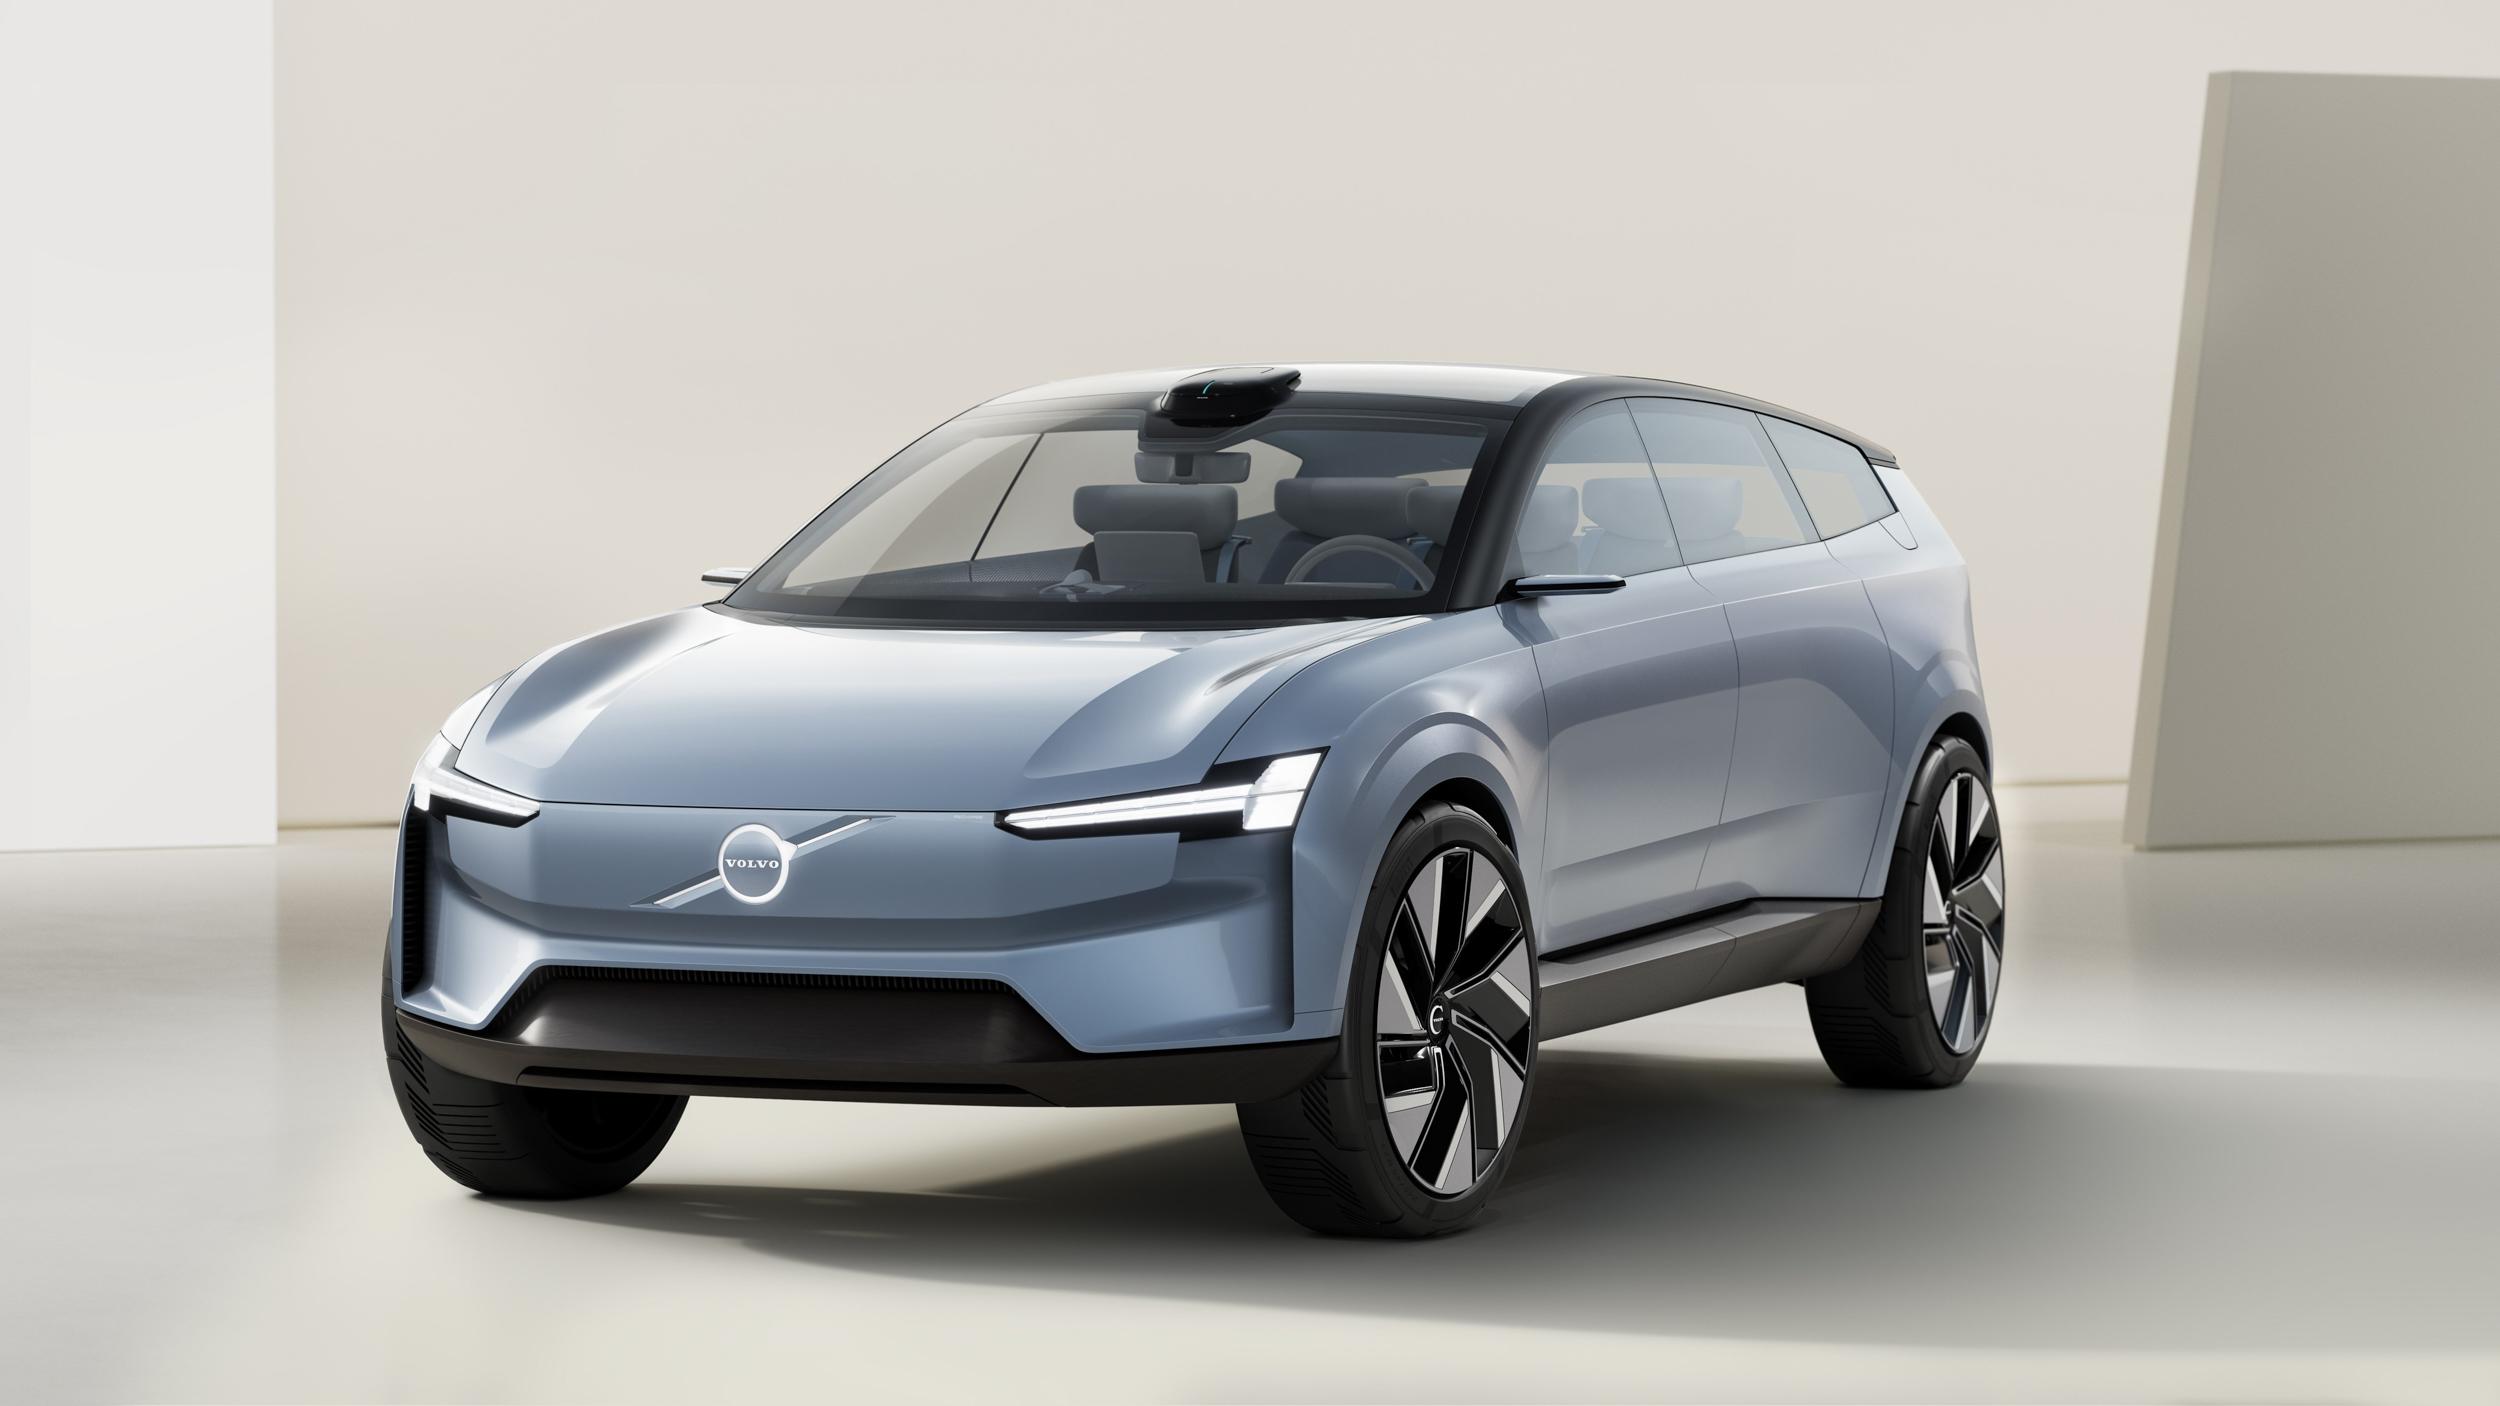 這品牌的未來很精彩!Volvo Tech Moment 攜手 Google、NVDIA 與 Luminar 等夥伴打造嶄新用車體驗